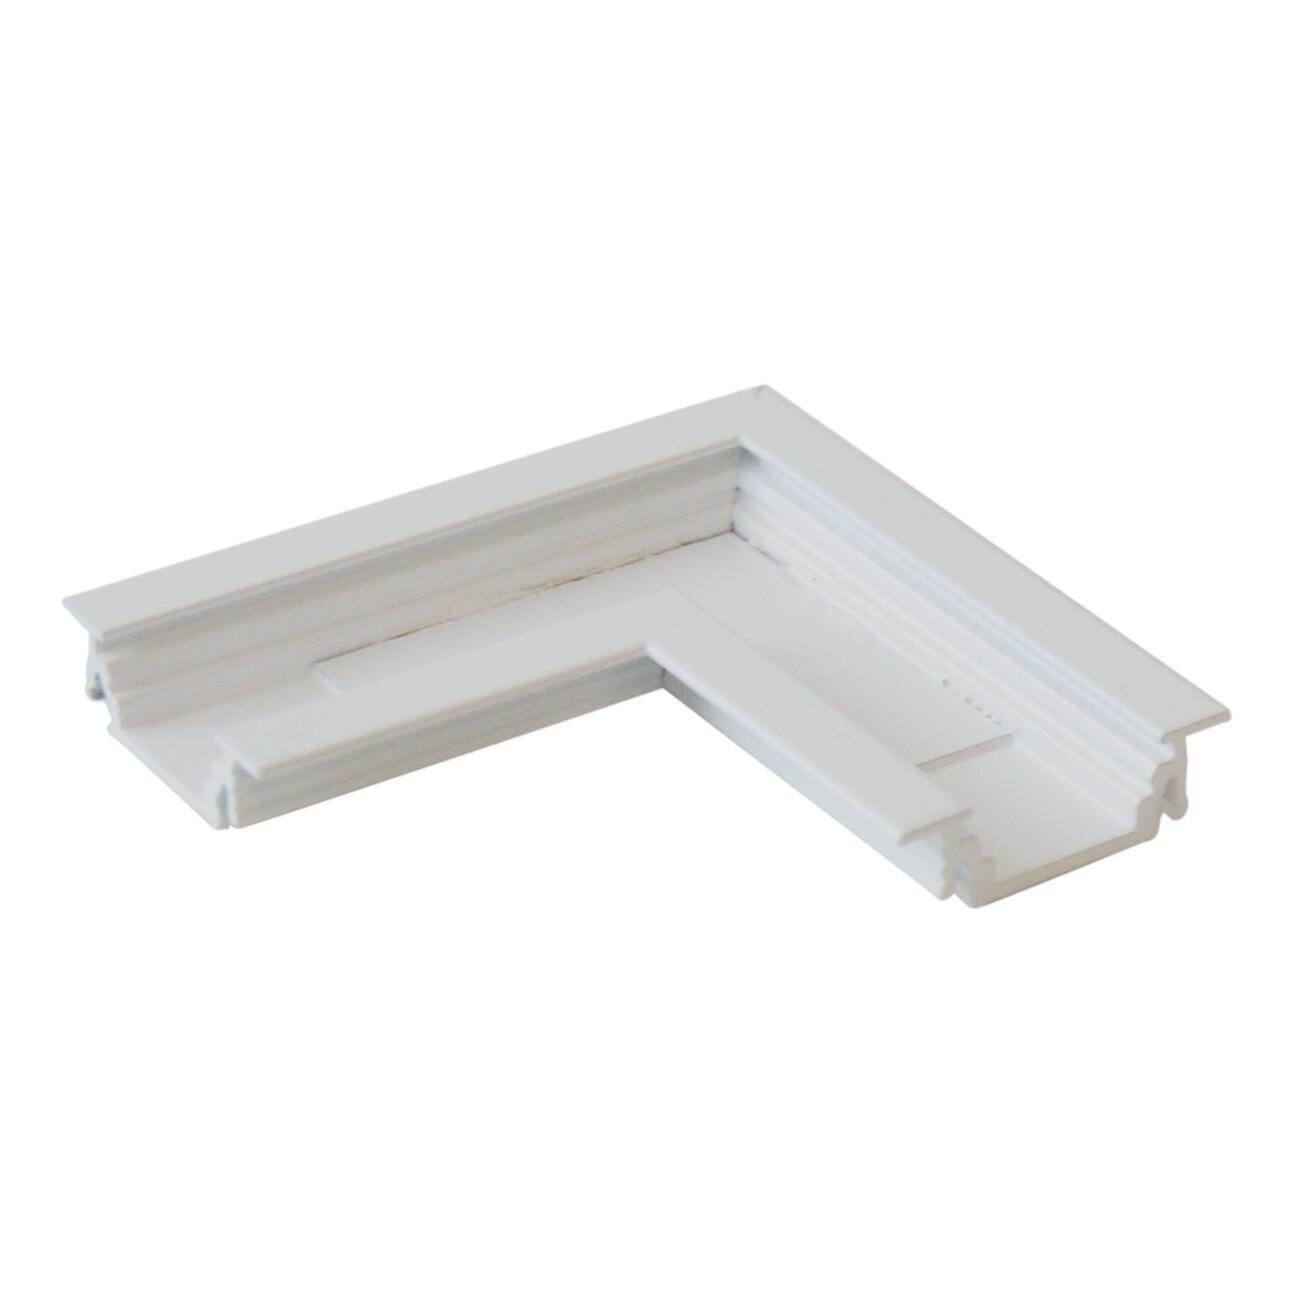 Connettore per profilo strisce led, bianco, 2 m - 1